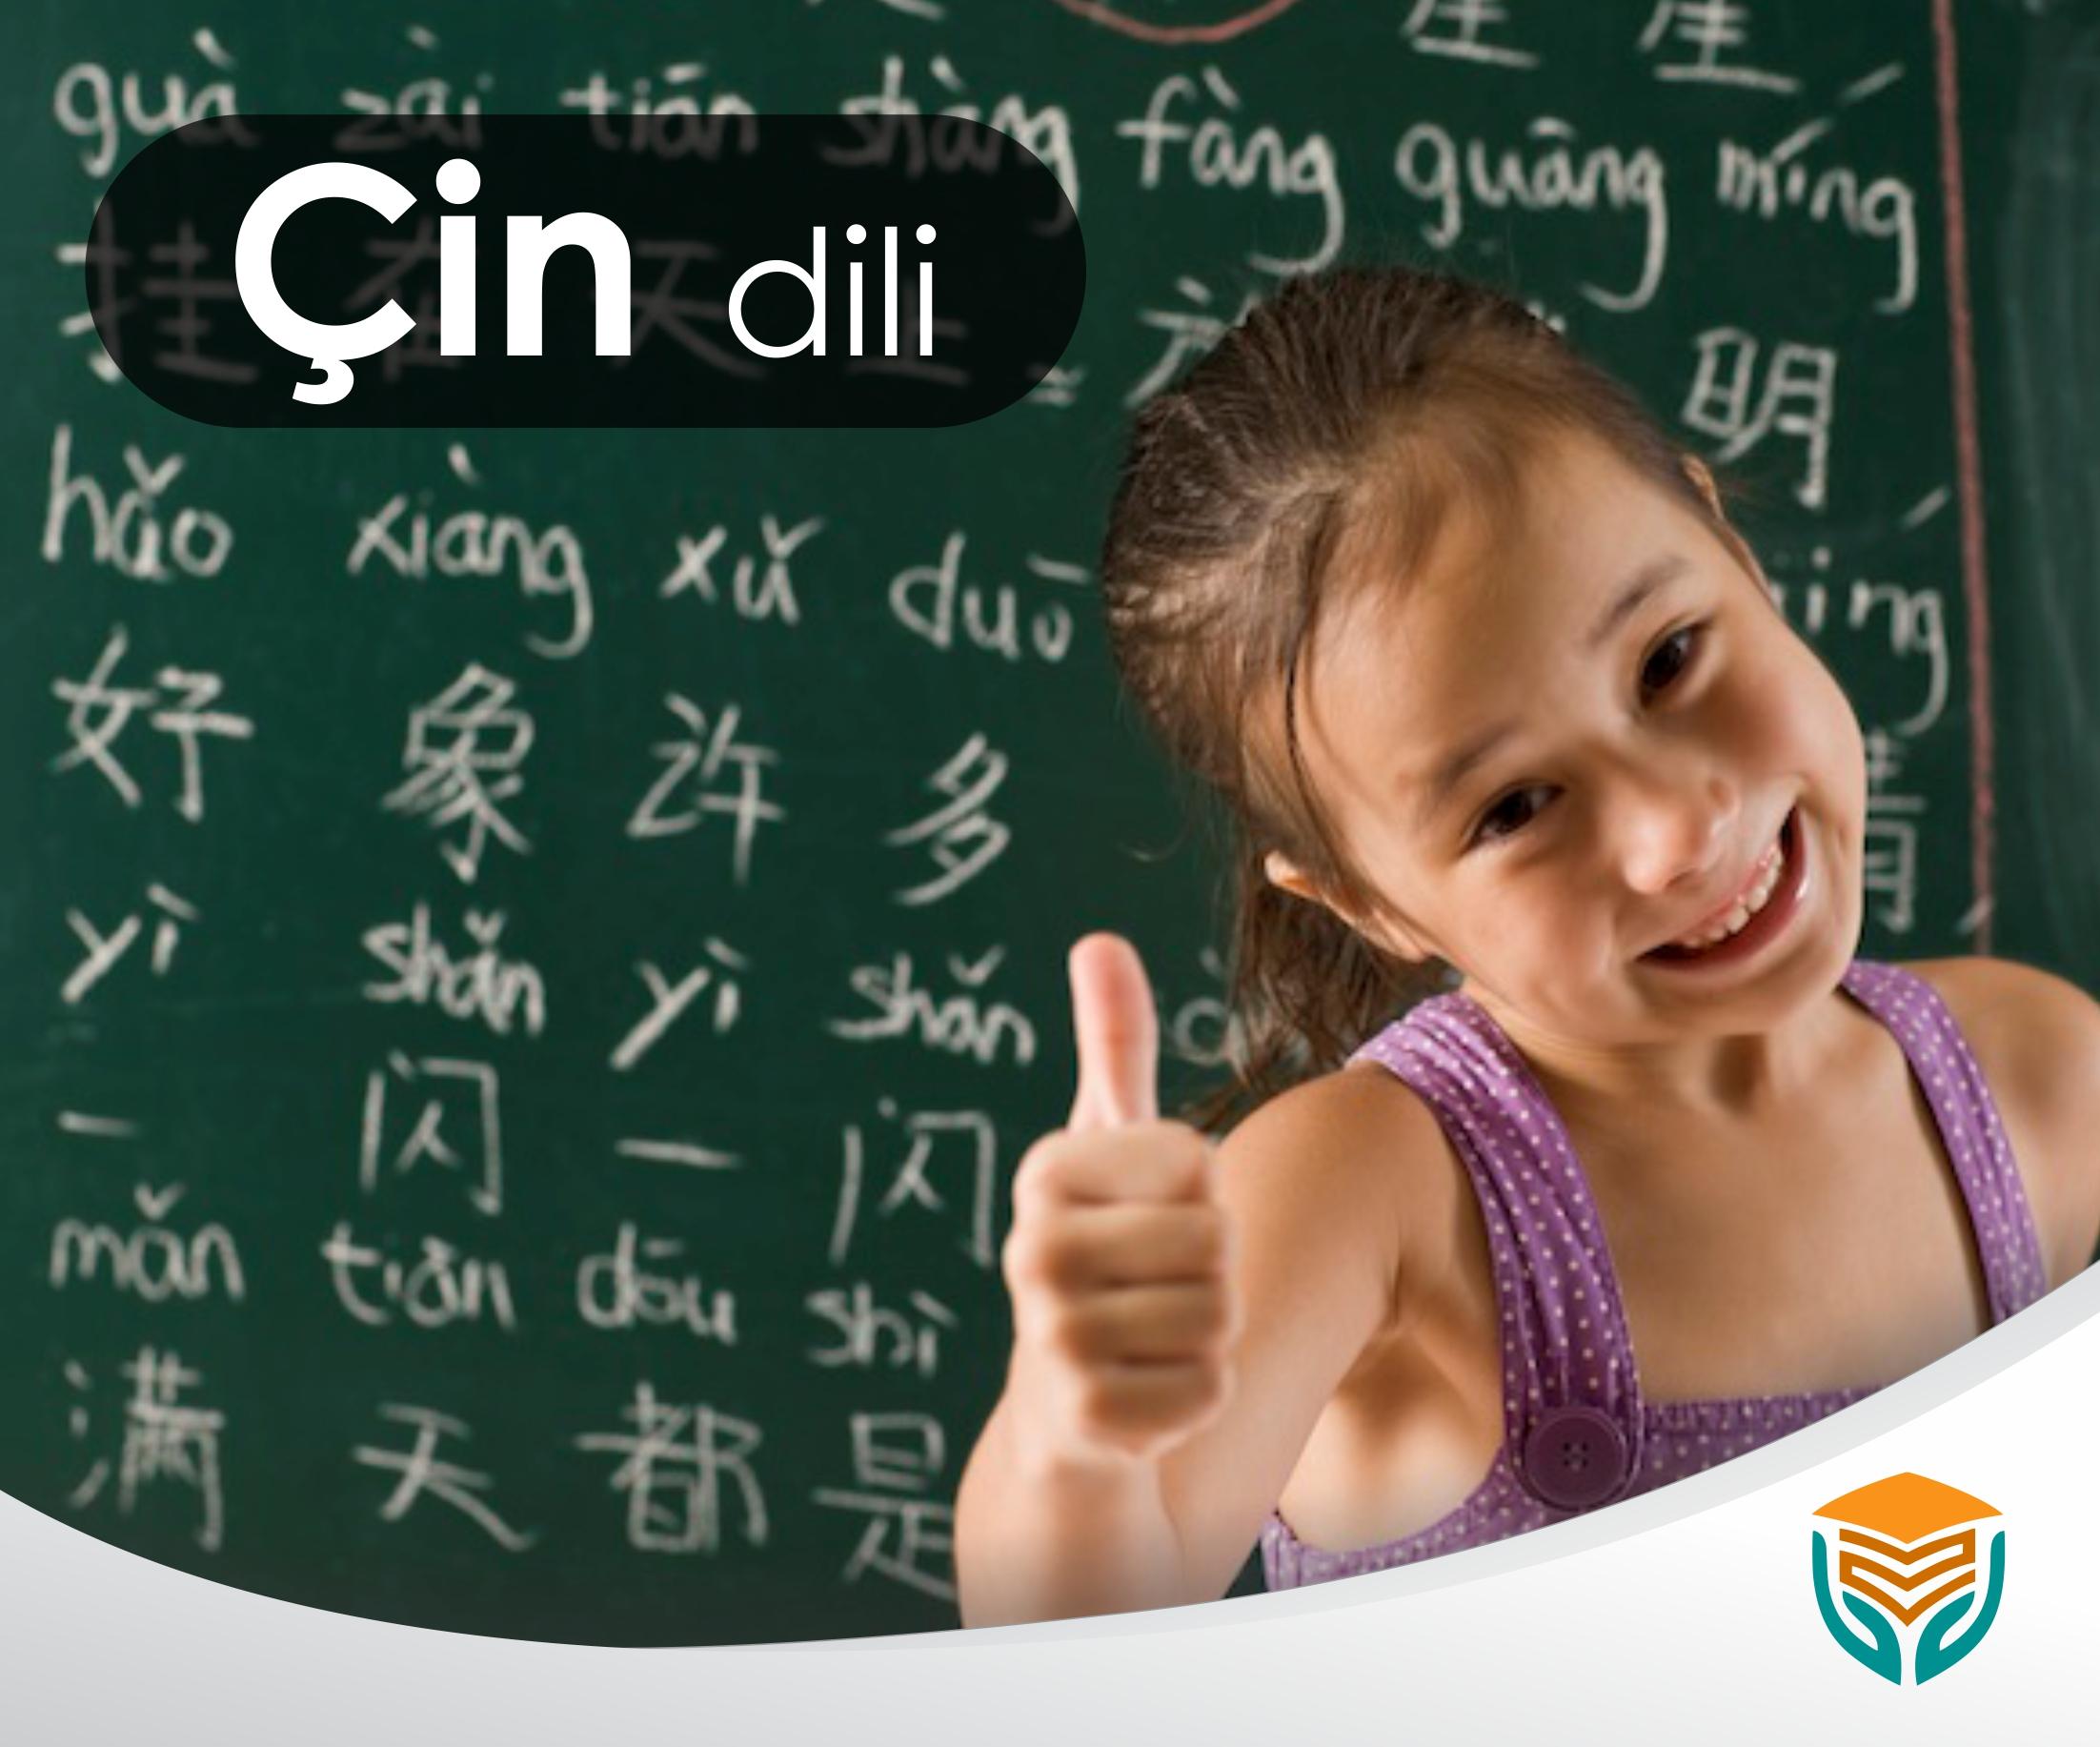 Zinyət Tədris Mərkəzində Çin dili kursları. Əgər Siz Çin